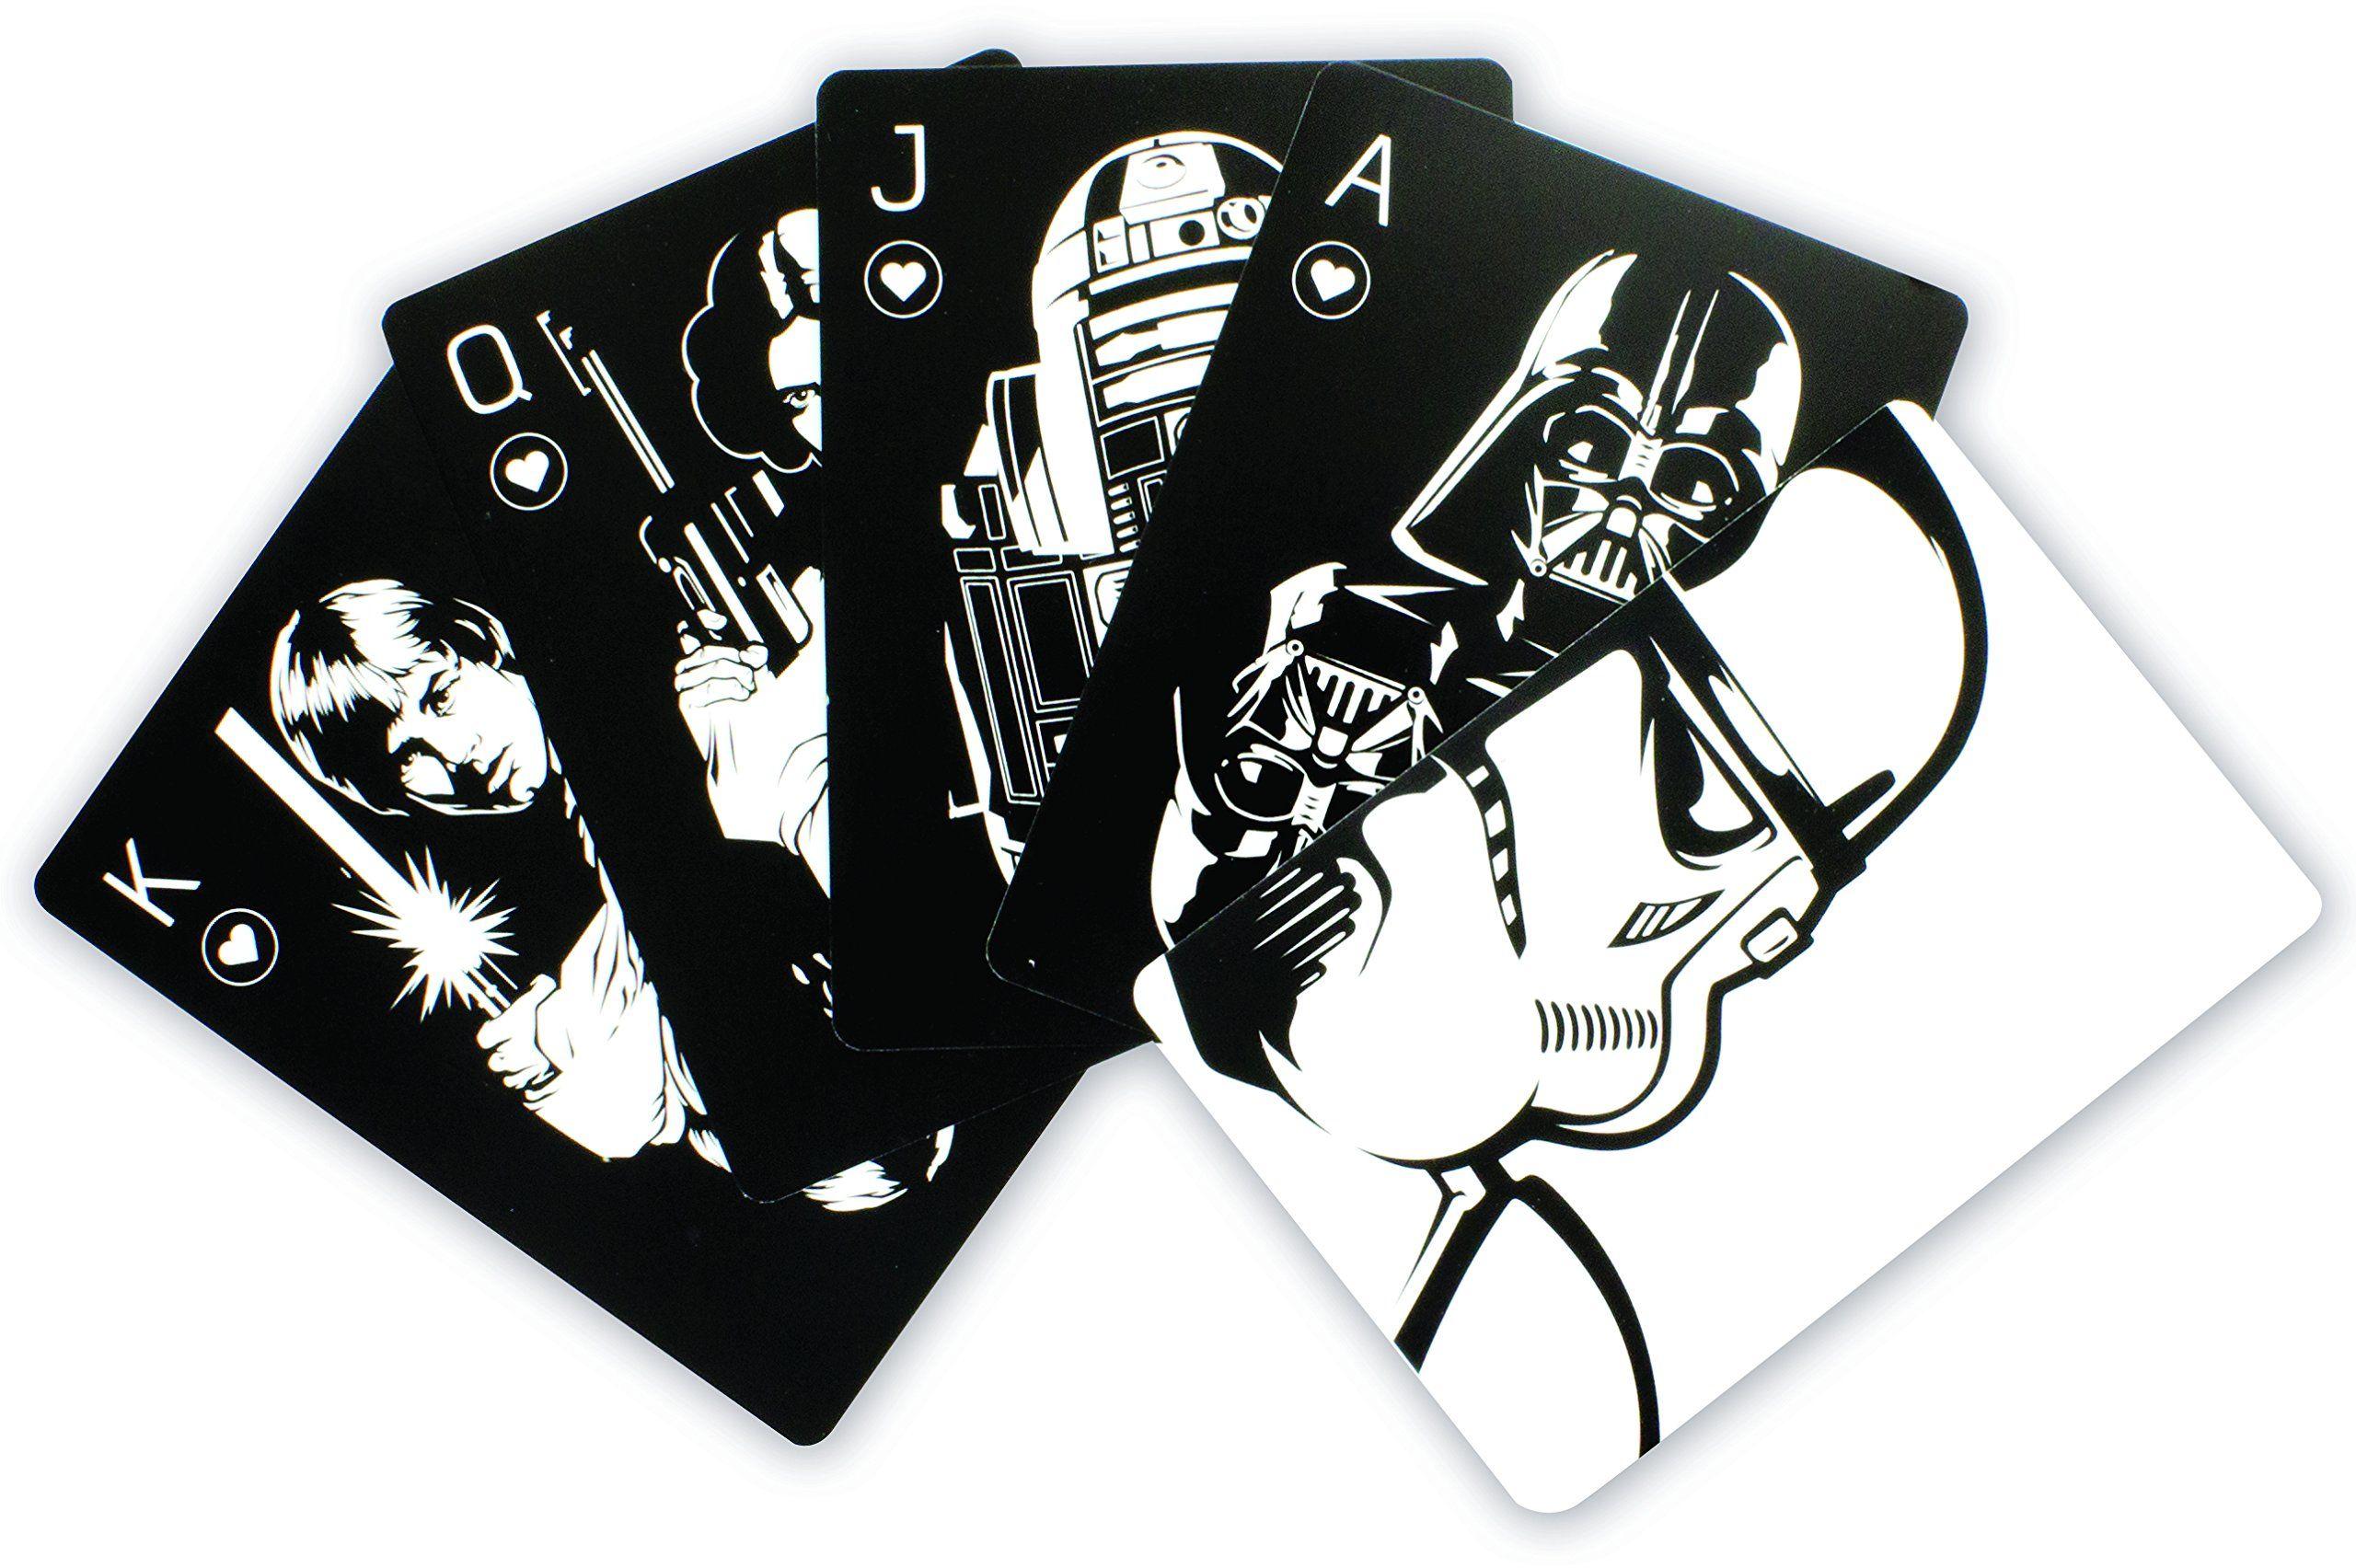 Paladone PP4148SW Gwiezdne Wojny karty do gry z puszką Stormtrooper oficjalnie licencjonowany produkt Disney